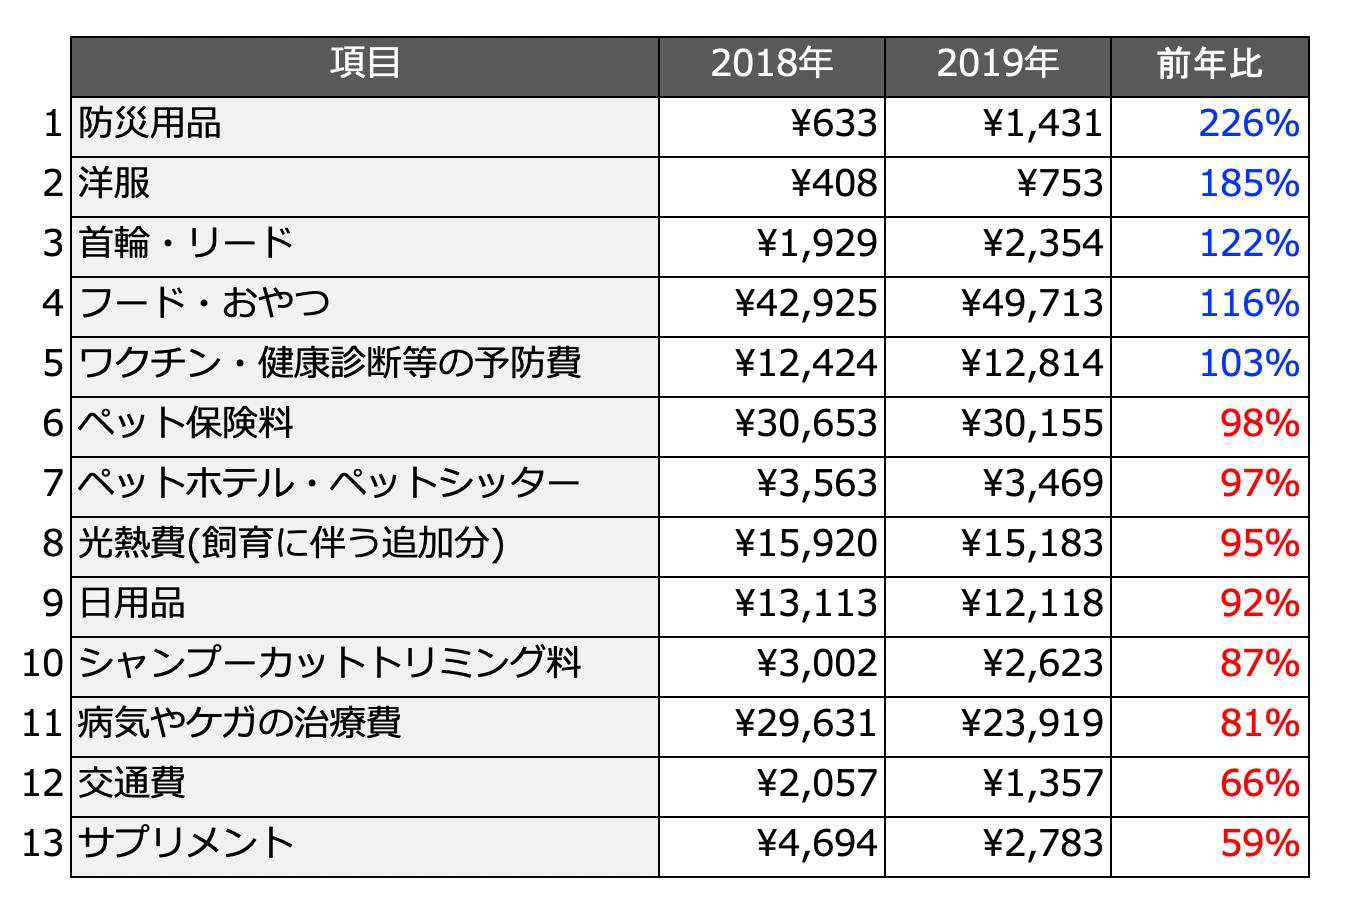 2019年の「猫に関する年間支出額の前年比が高いランキング」